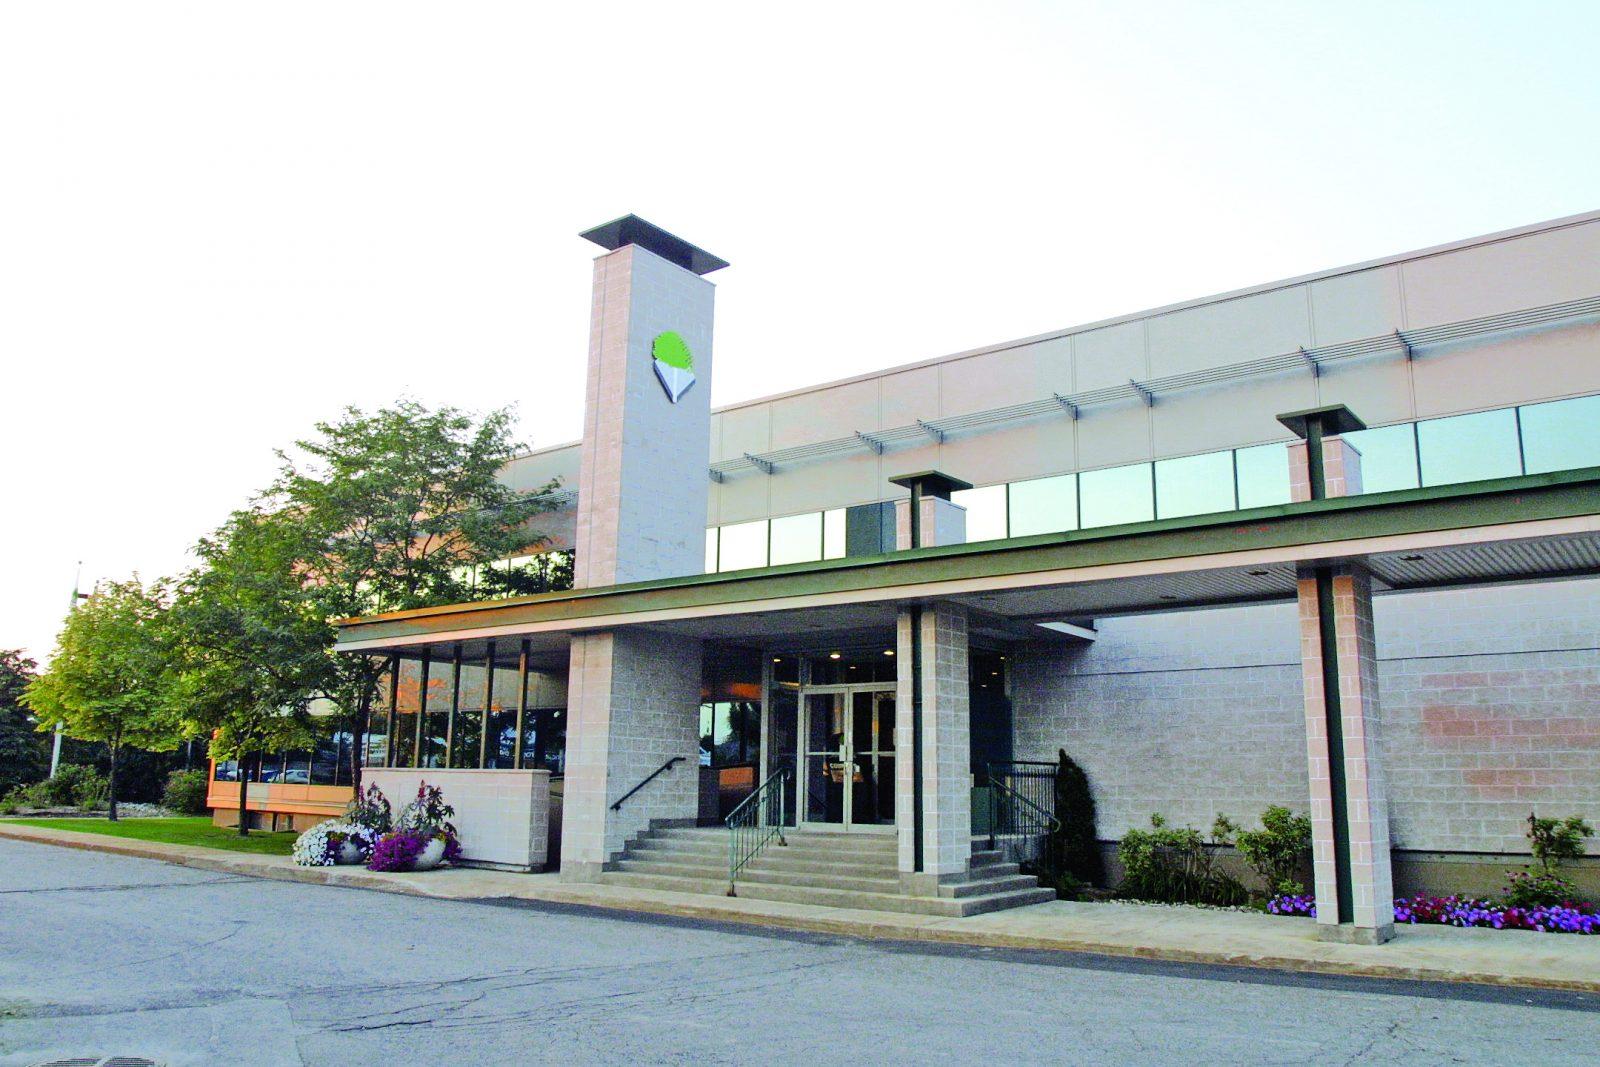 COVID-19 : Fermeture préventive de l'hôtel de ville de Sainte-Julie